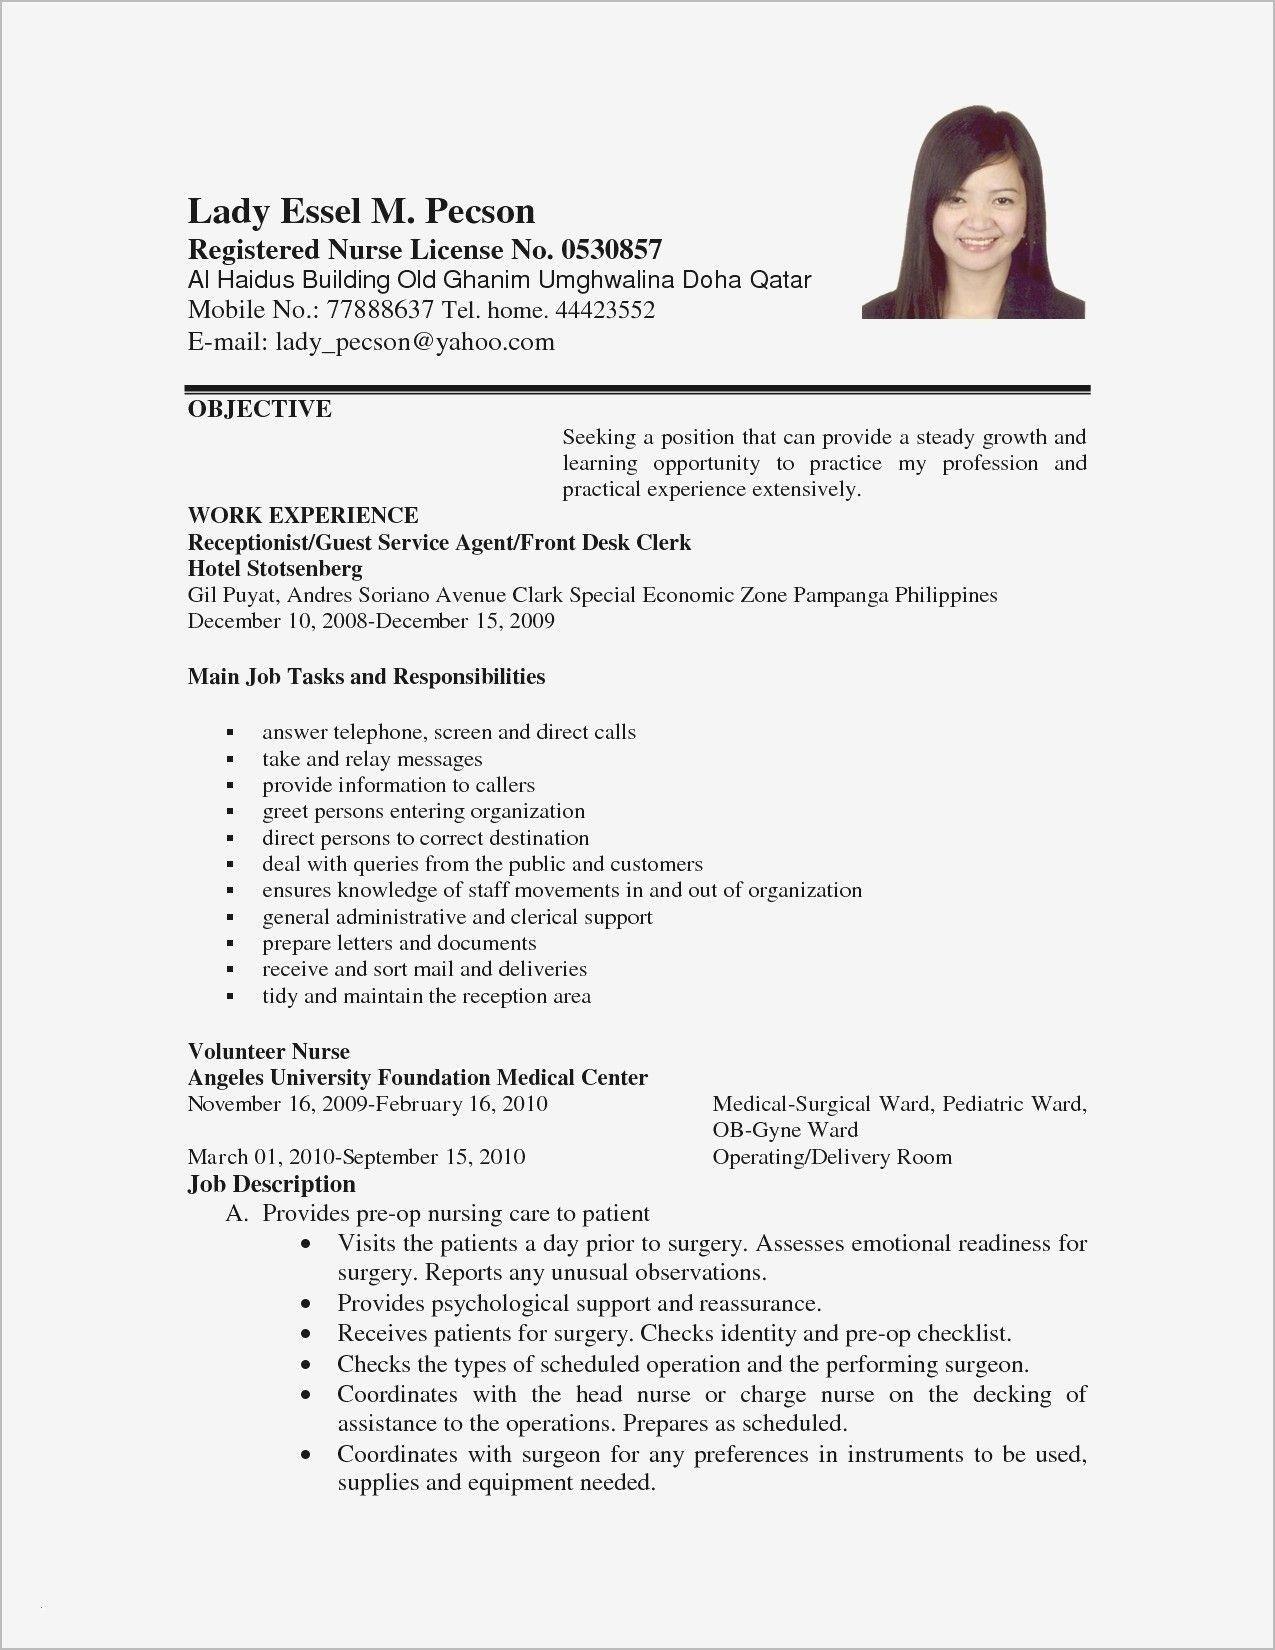 Sample Of Resume Letter for Job Application Download New Sample Resume Letter for Job #lettersample ...